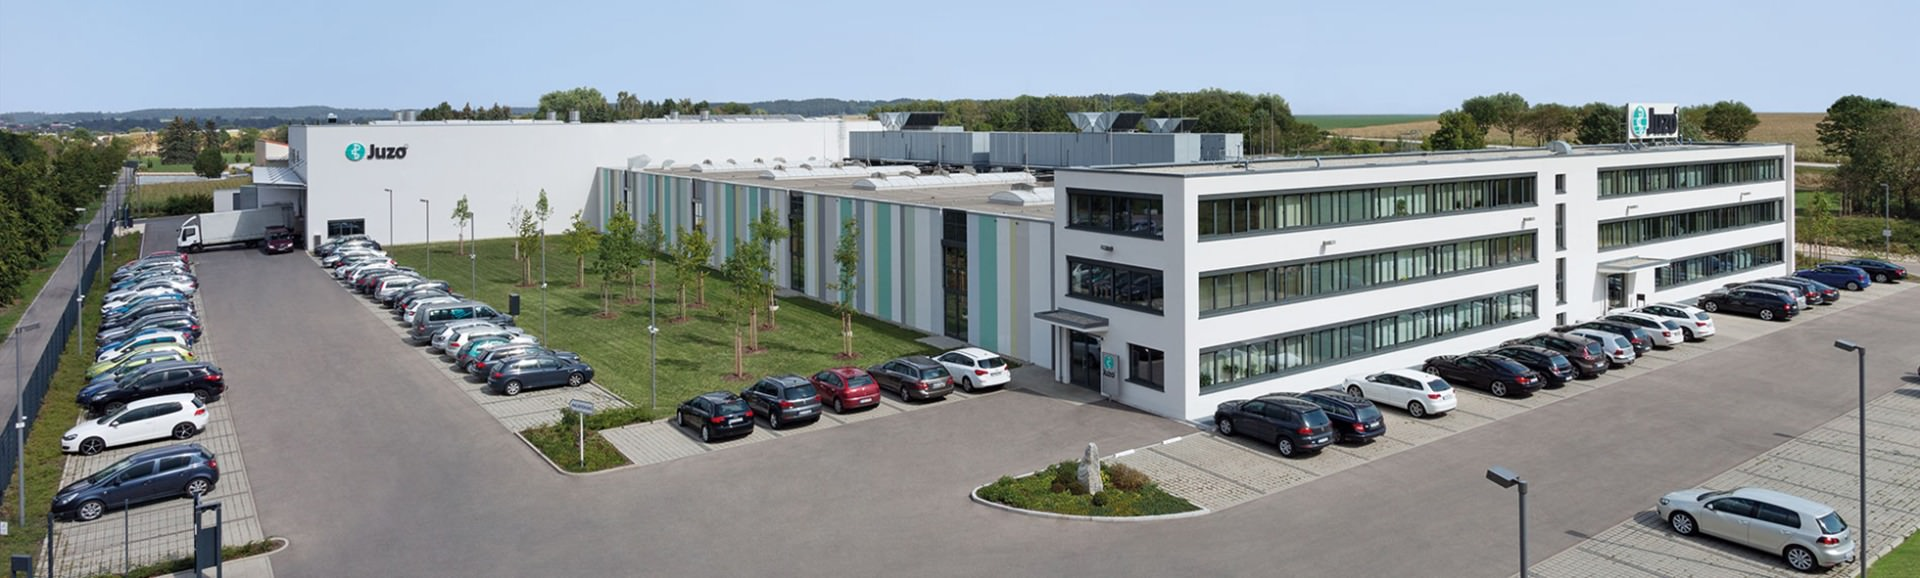 Juzo - Julius Zorn GmbH in Aichach